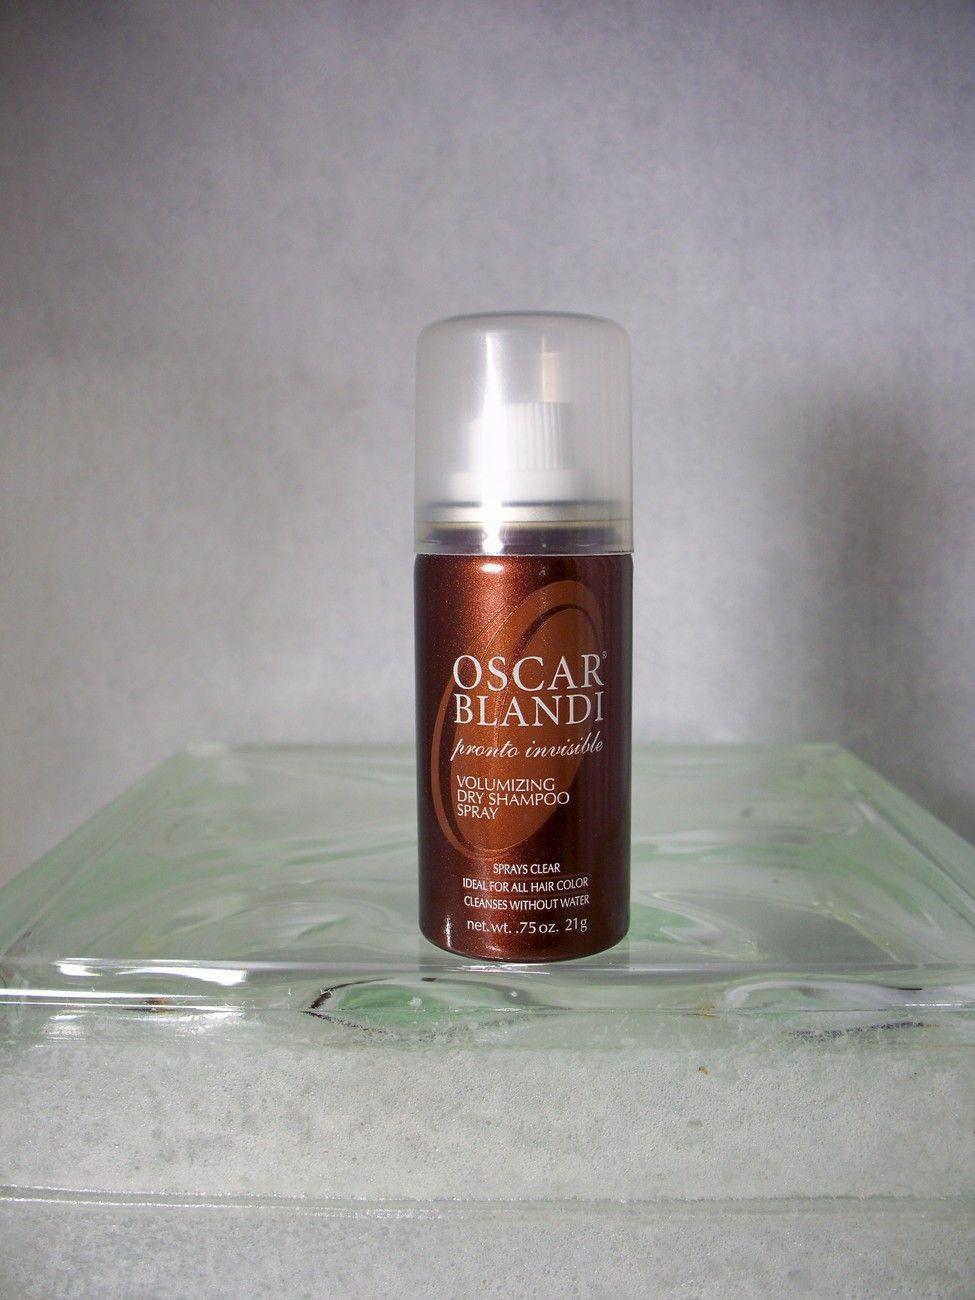 Oscar BlandiPronto Invisible Volumizing Dry Shampoo Spray